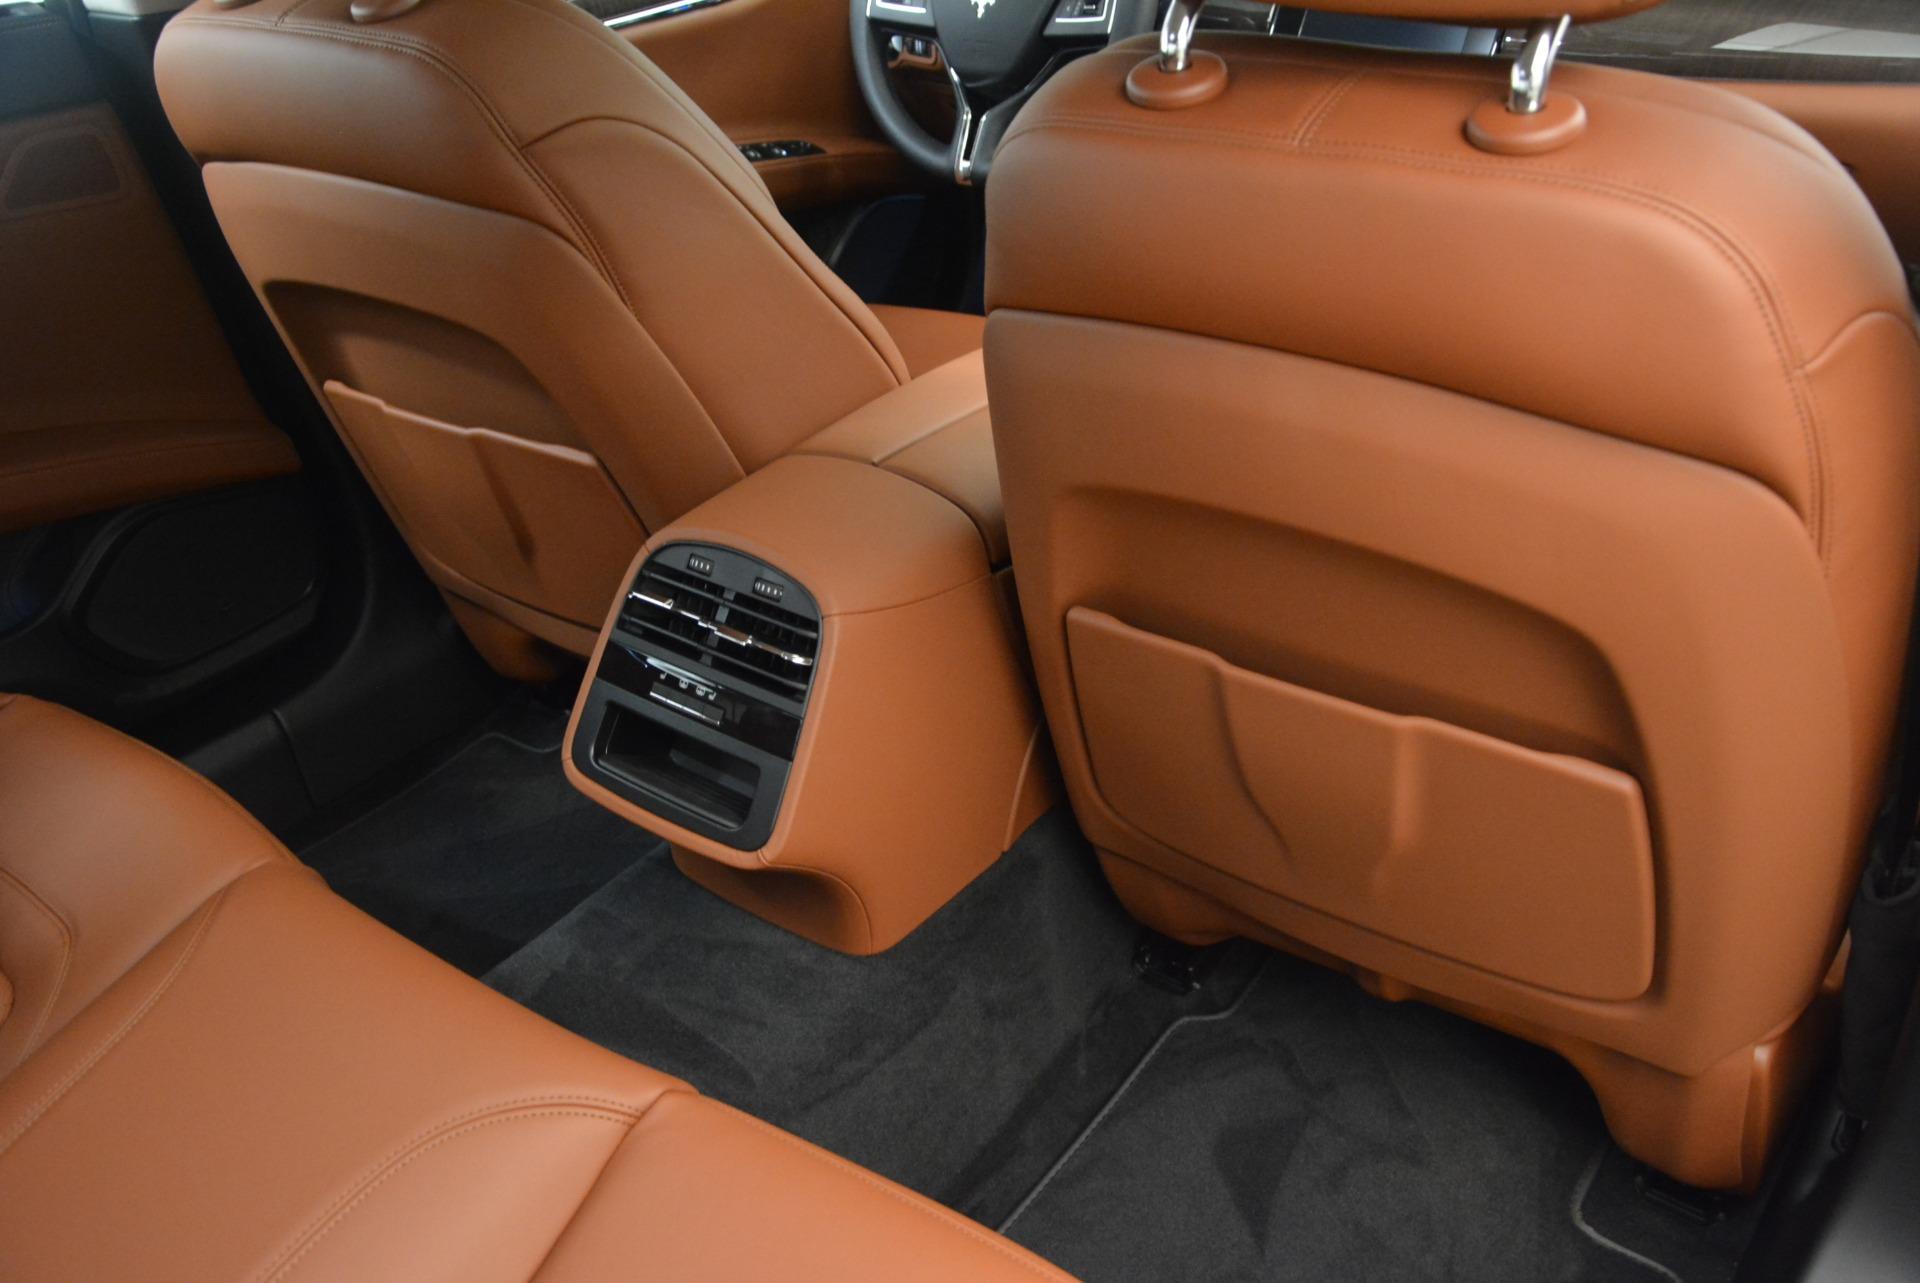 Used 2018 Maserati Quattroporte S Q4 GranLusso For Sale In Westport, CT 1572_p21